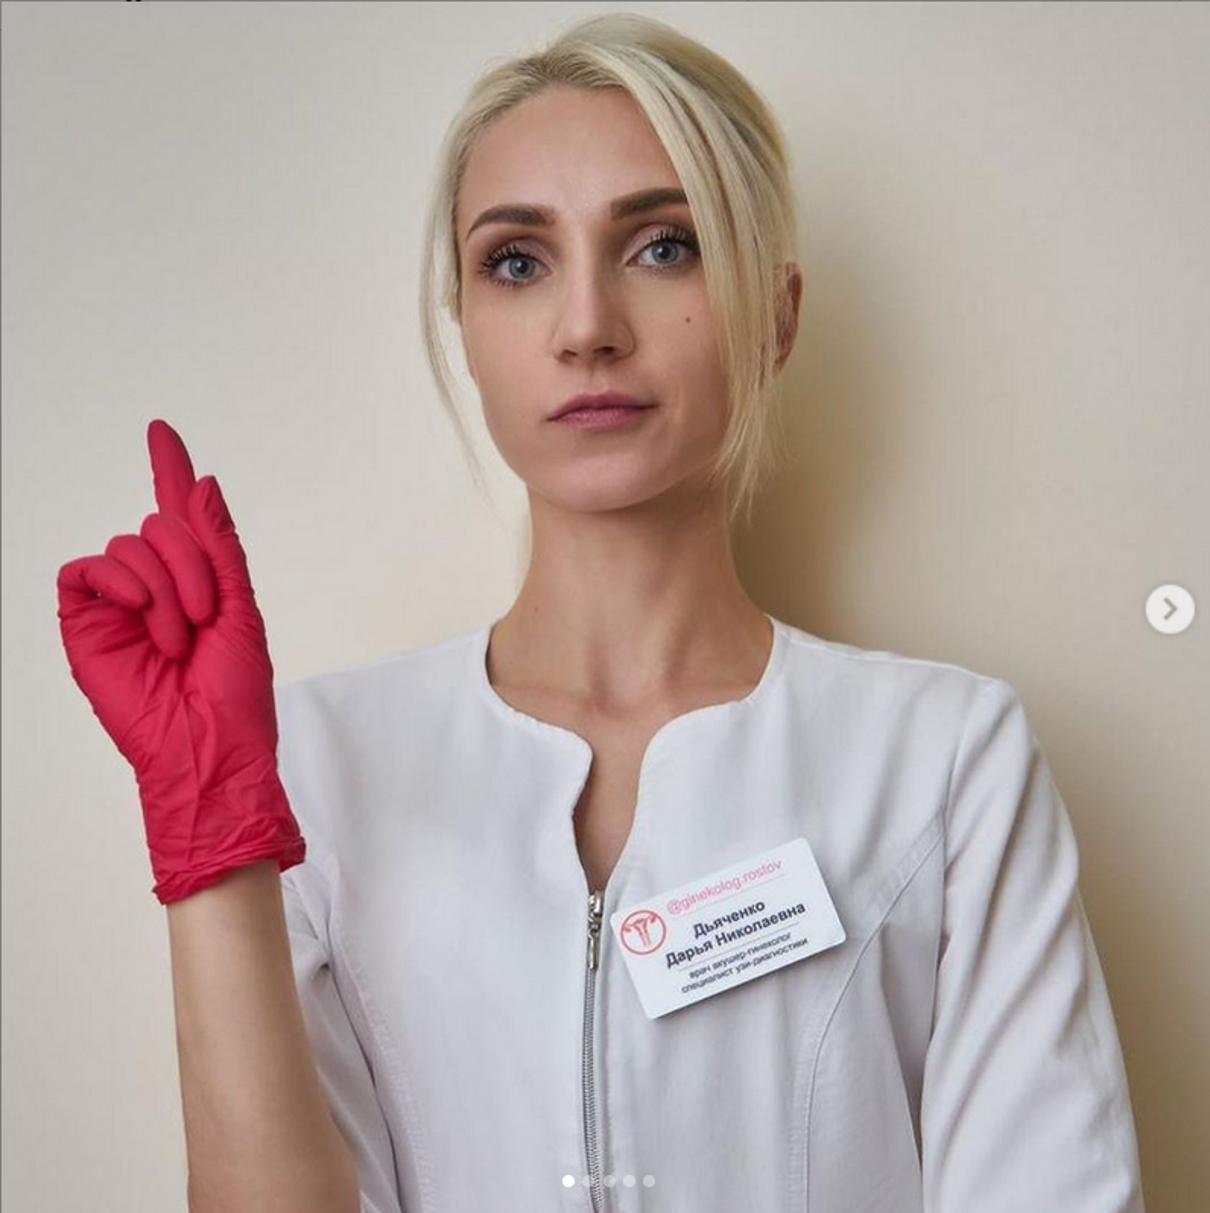 Жалоба-отзыв: Дьяченко дарья николаевна гинеколог отзывы ростов на дону - Не советую! обман!